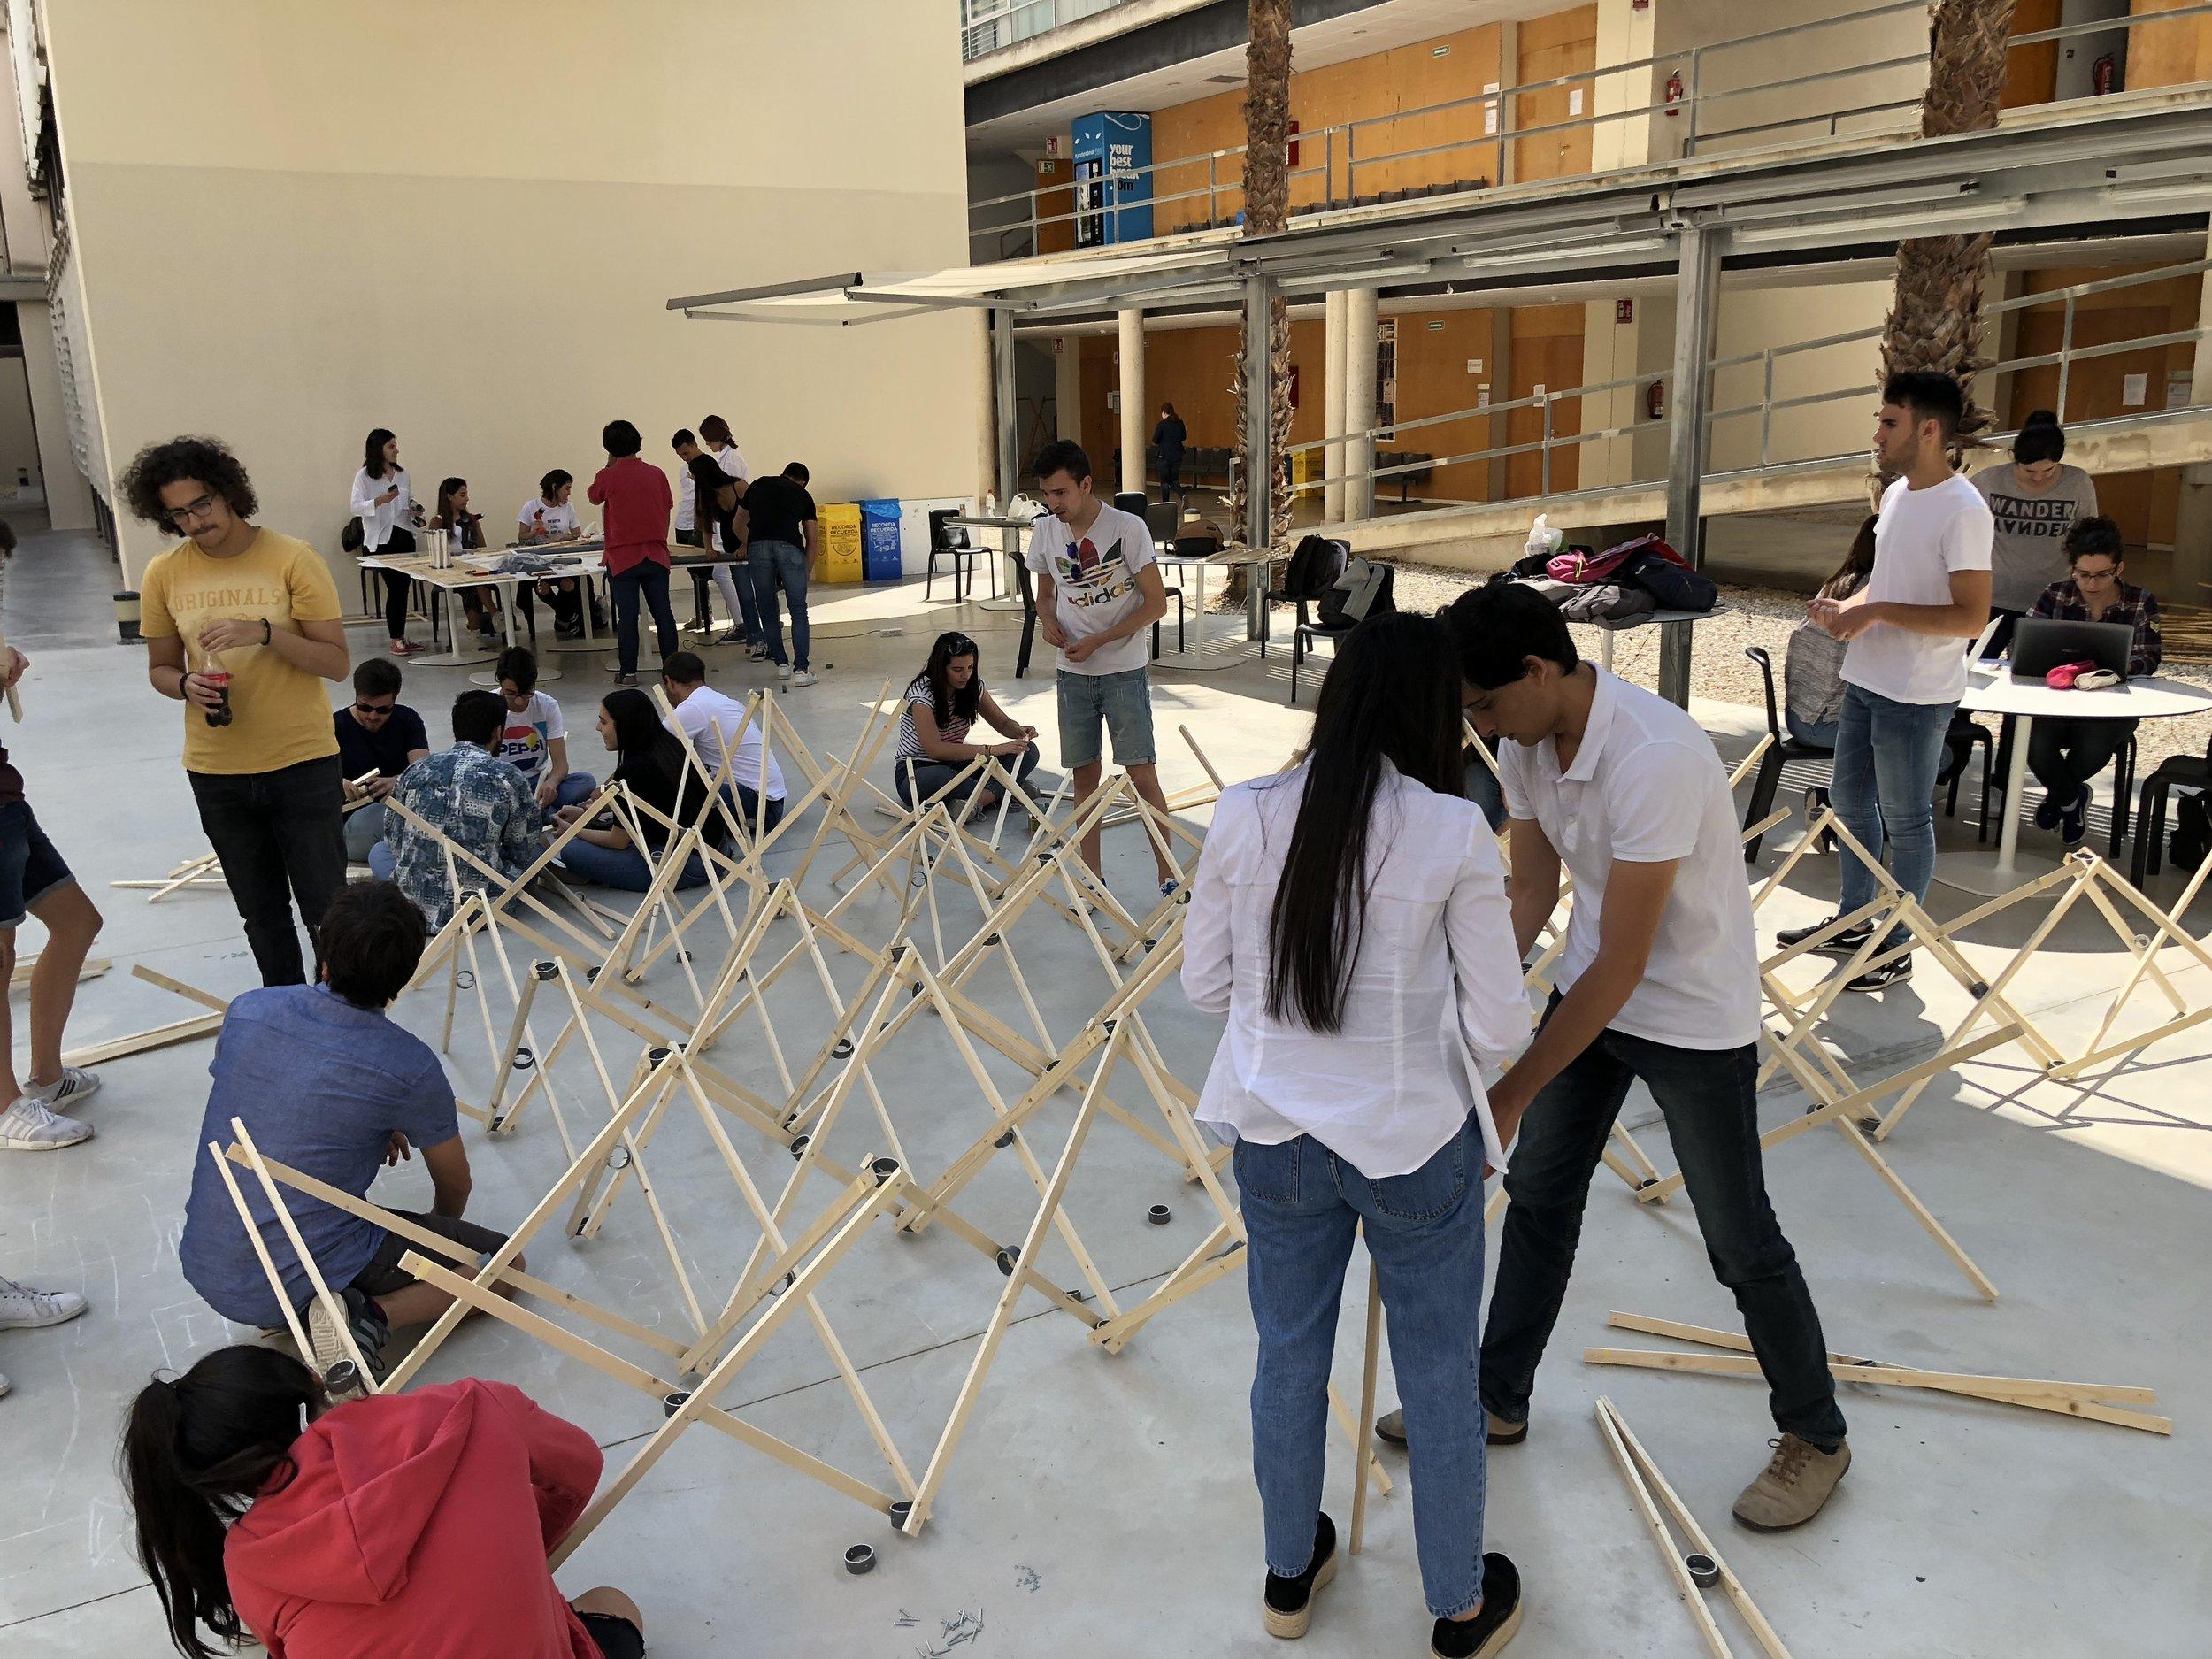 Final structure with Universidad de Alicante students